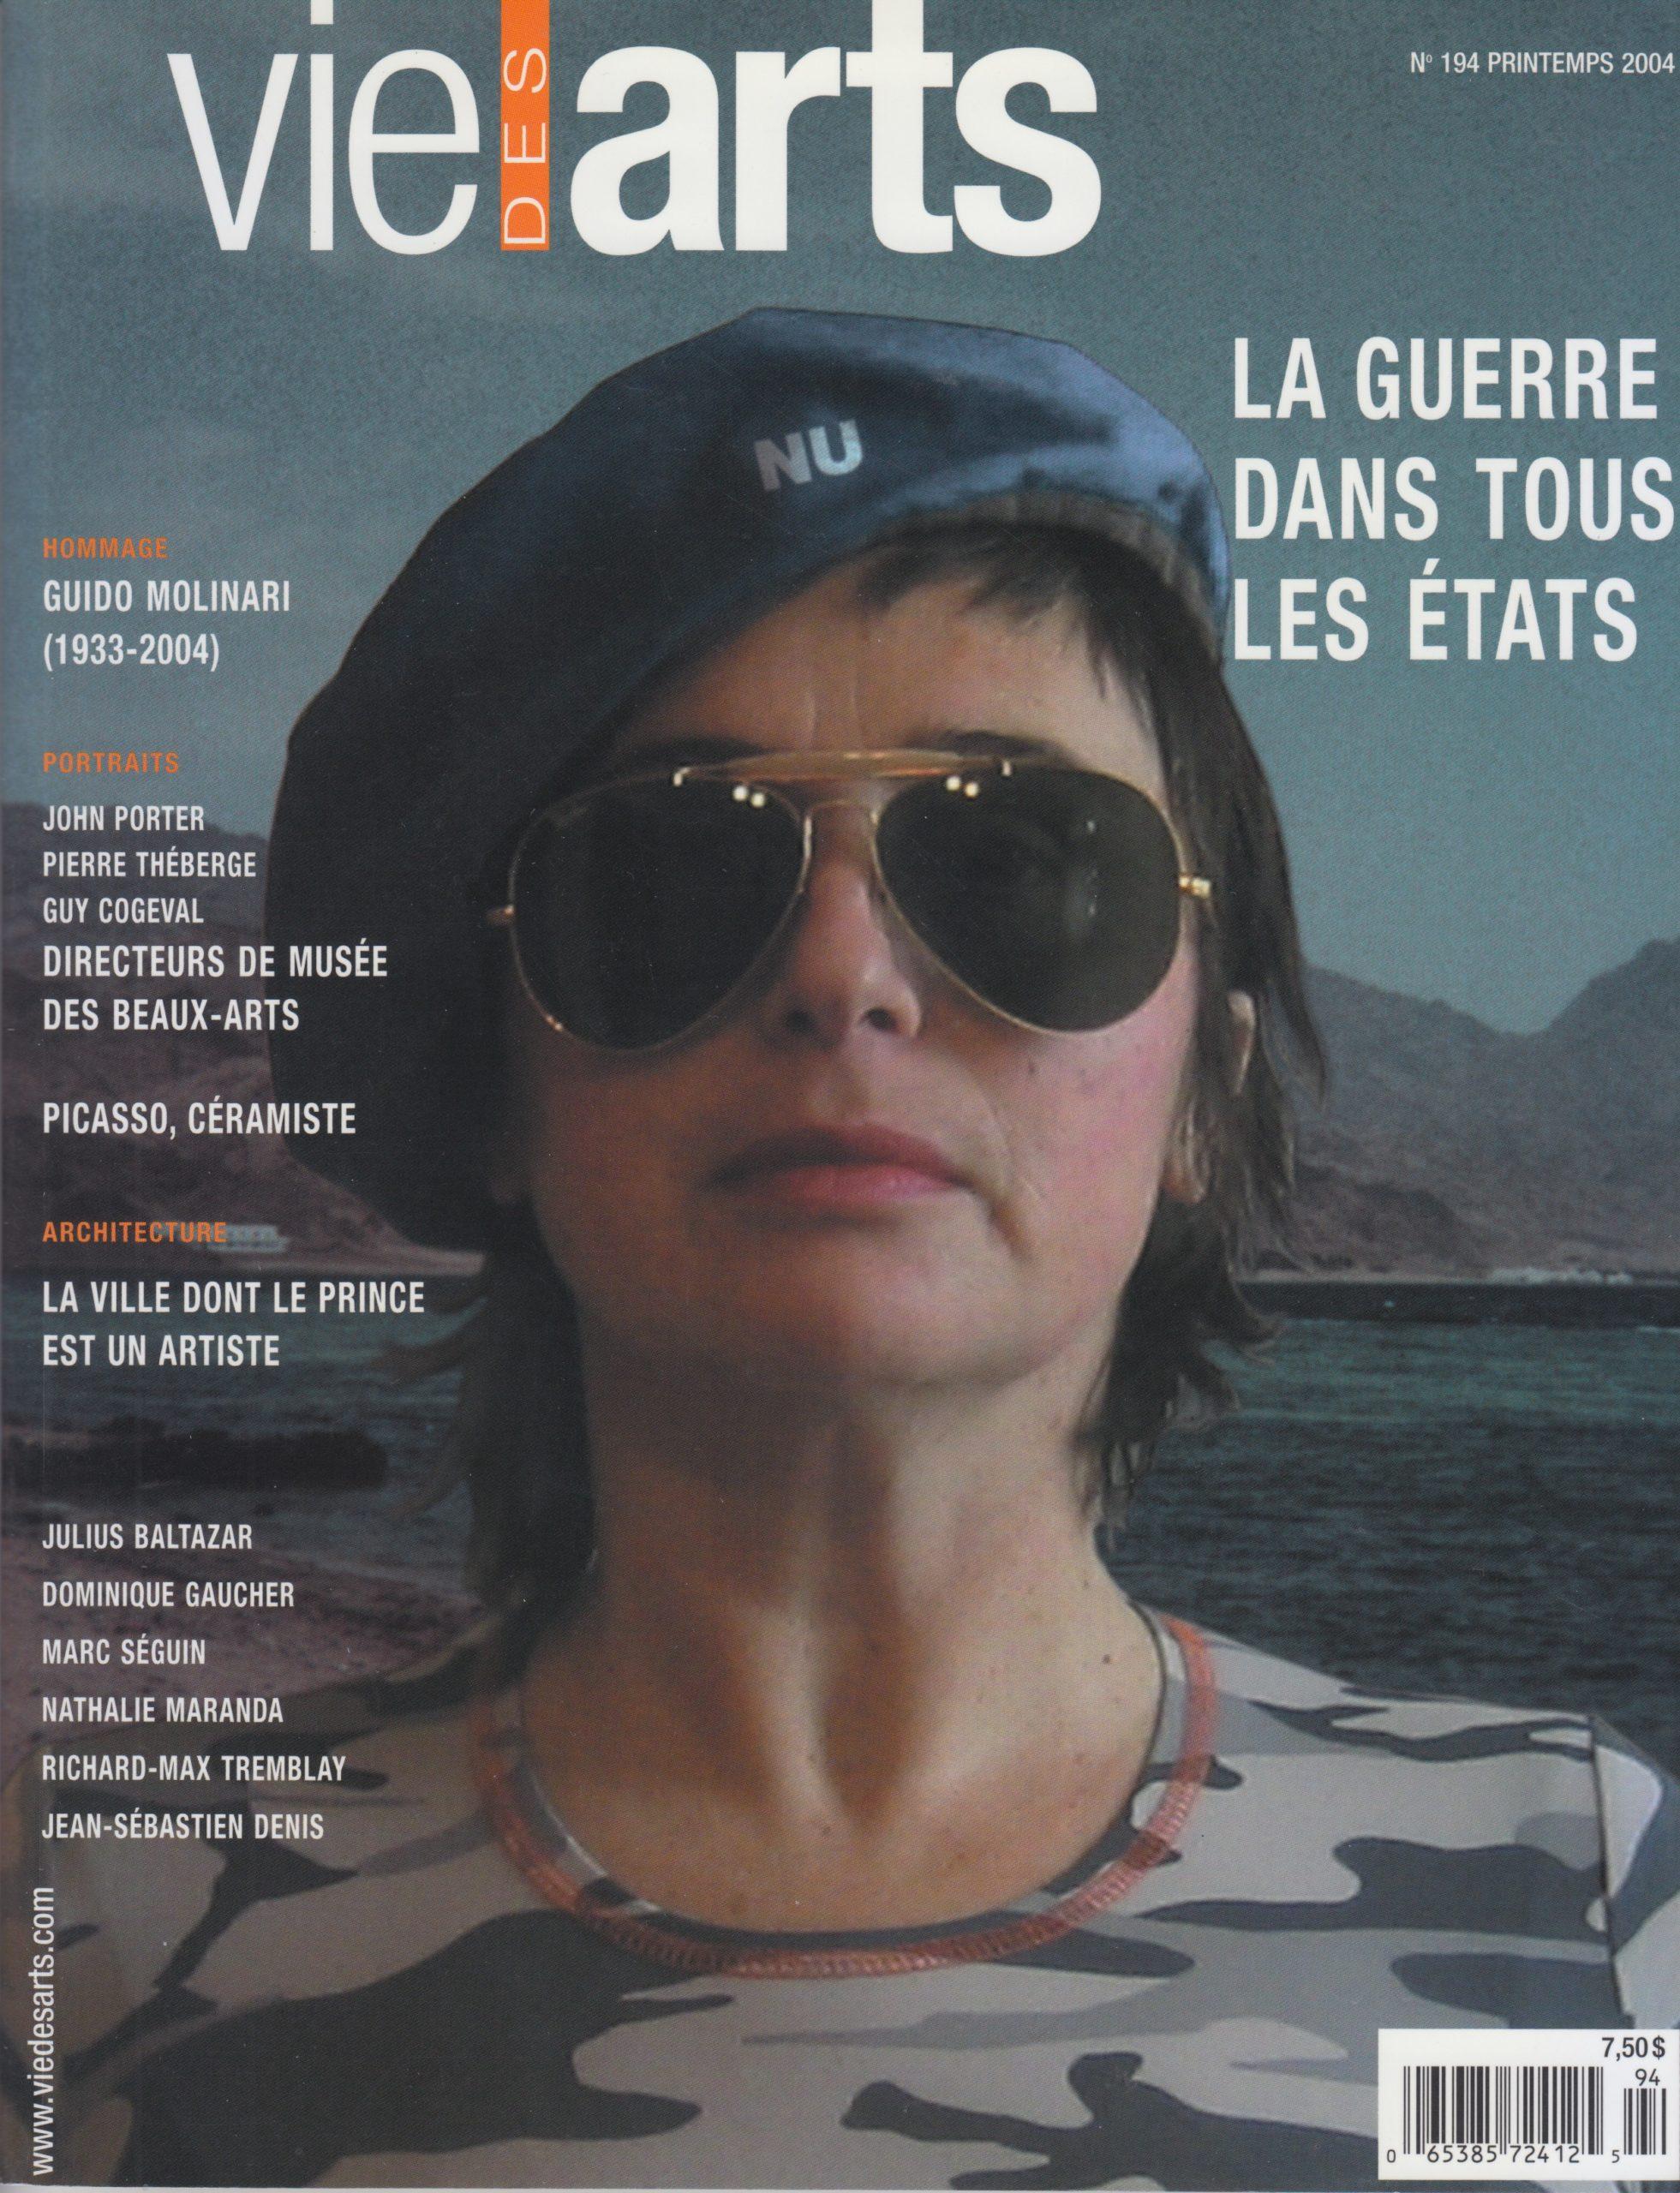 Paysages(s), Julie Lussier, Vie des arts, no 194, 2004